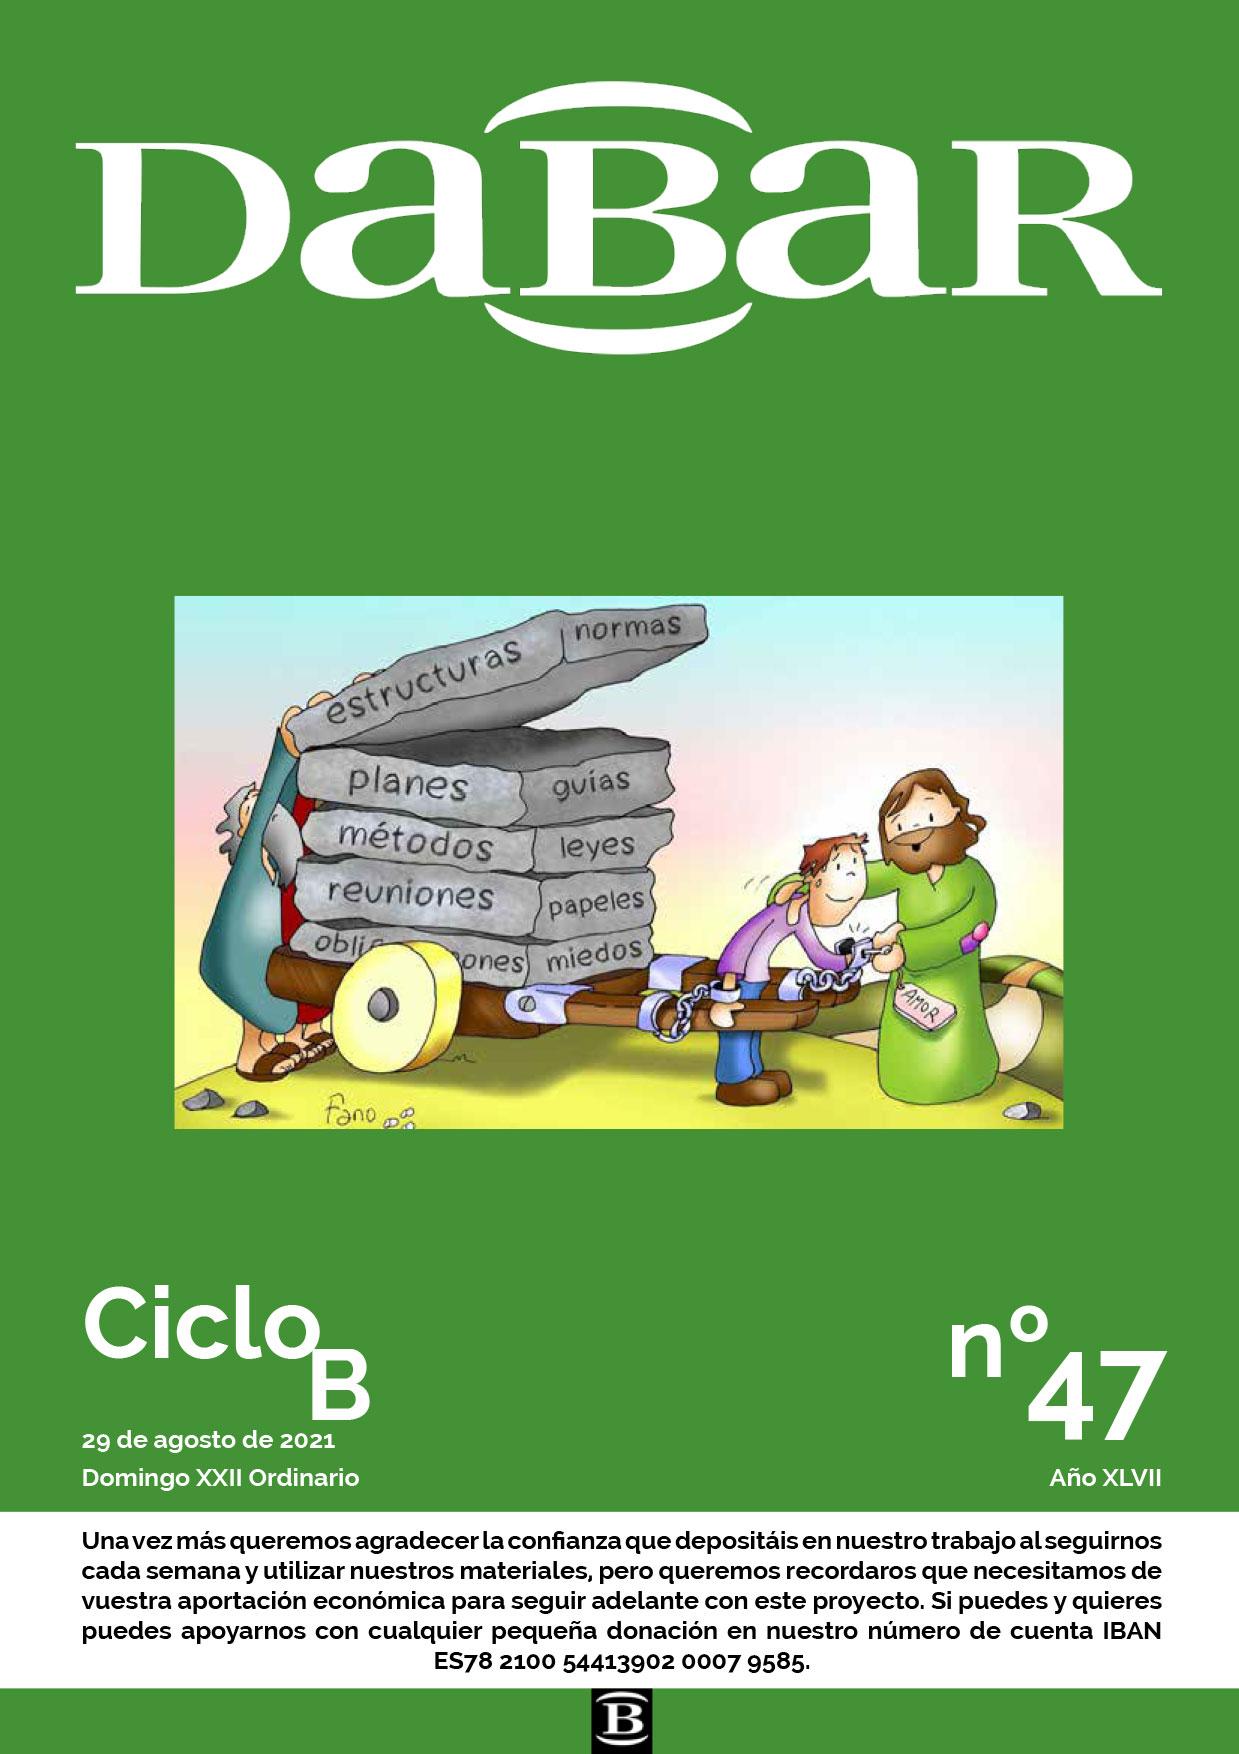 Dabar Revista número 47 ciclo B